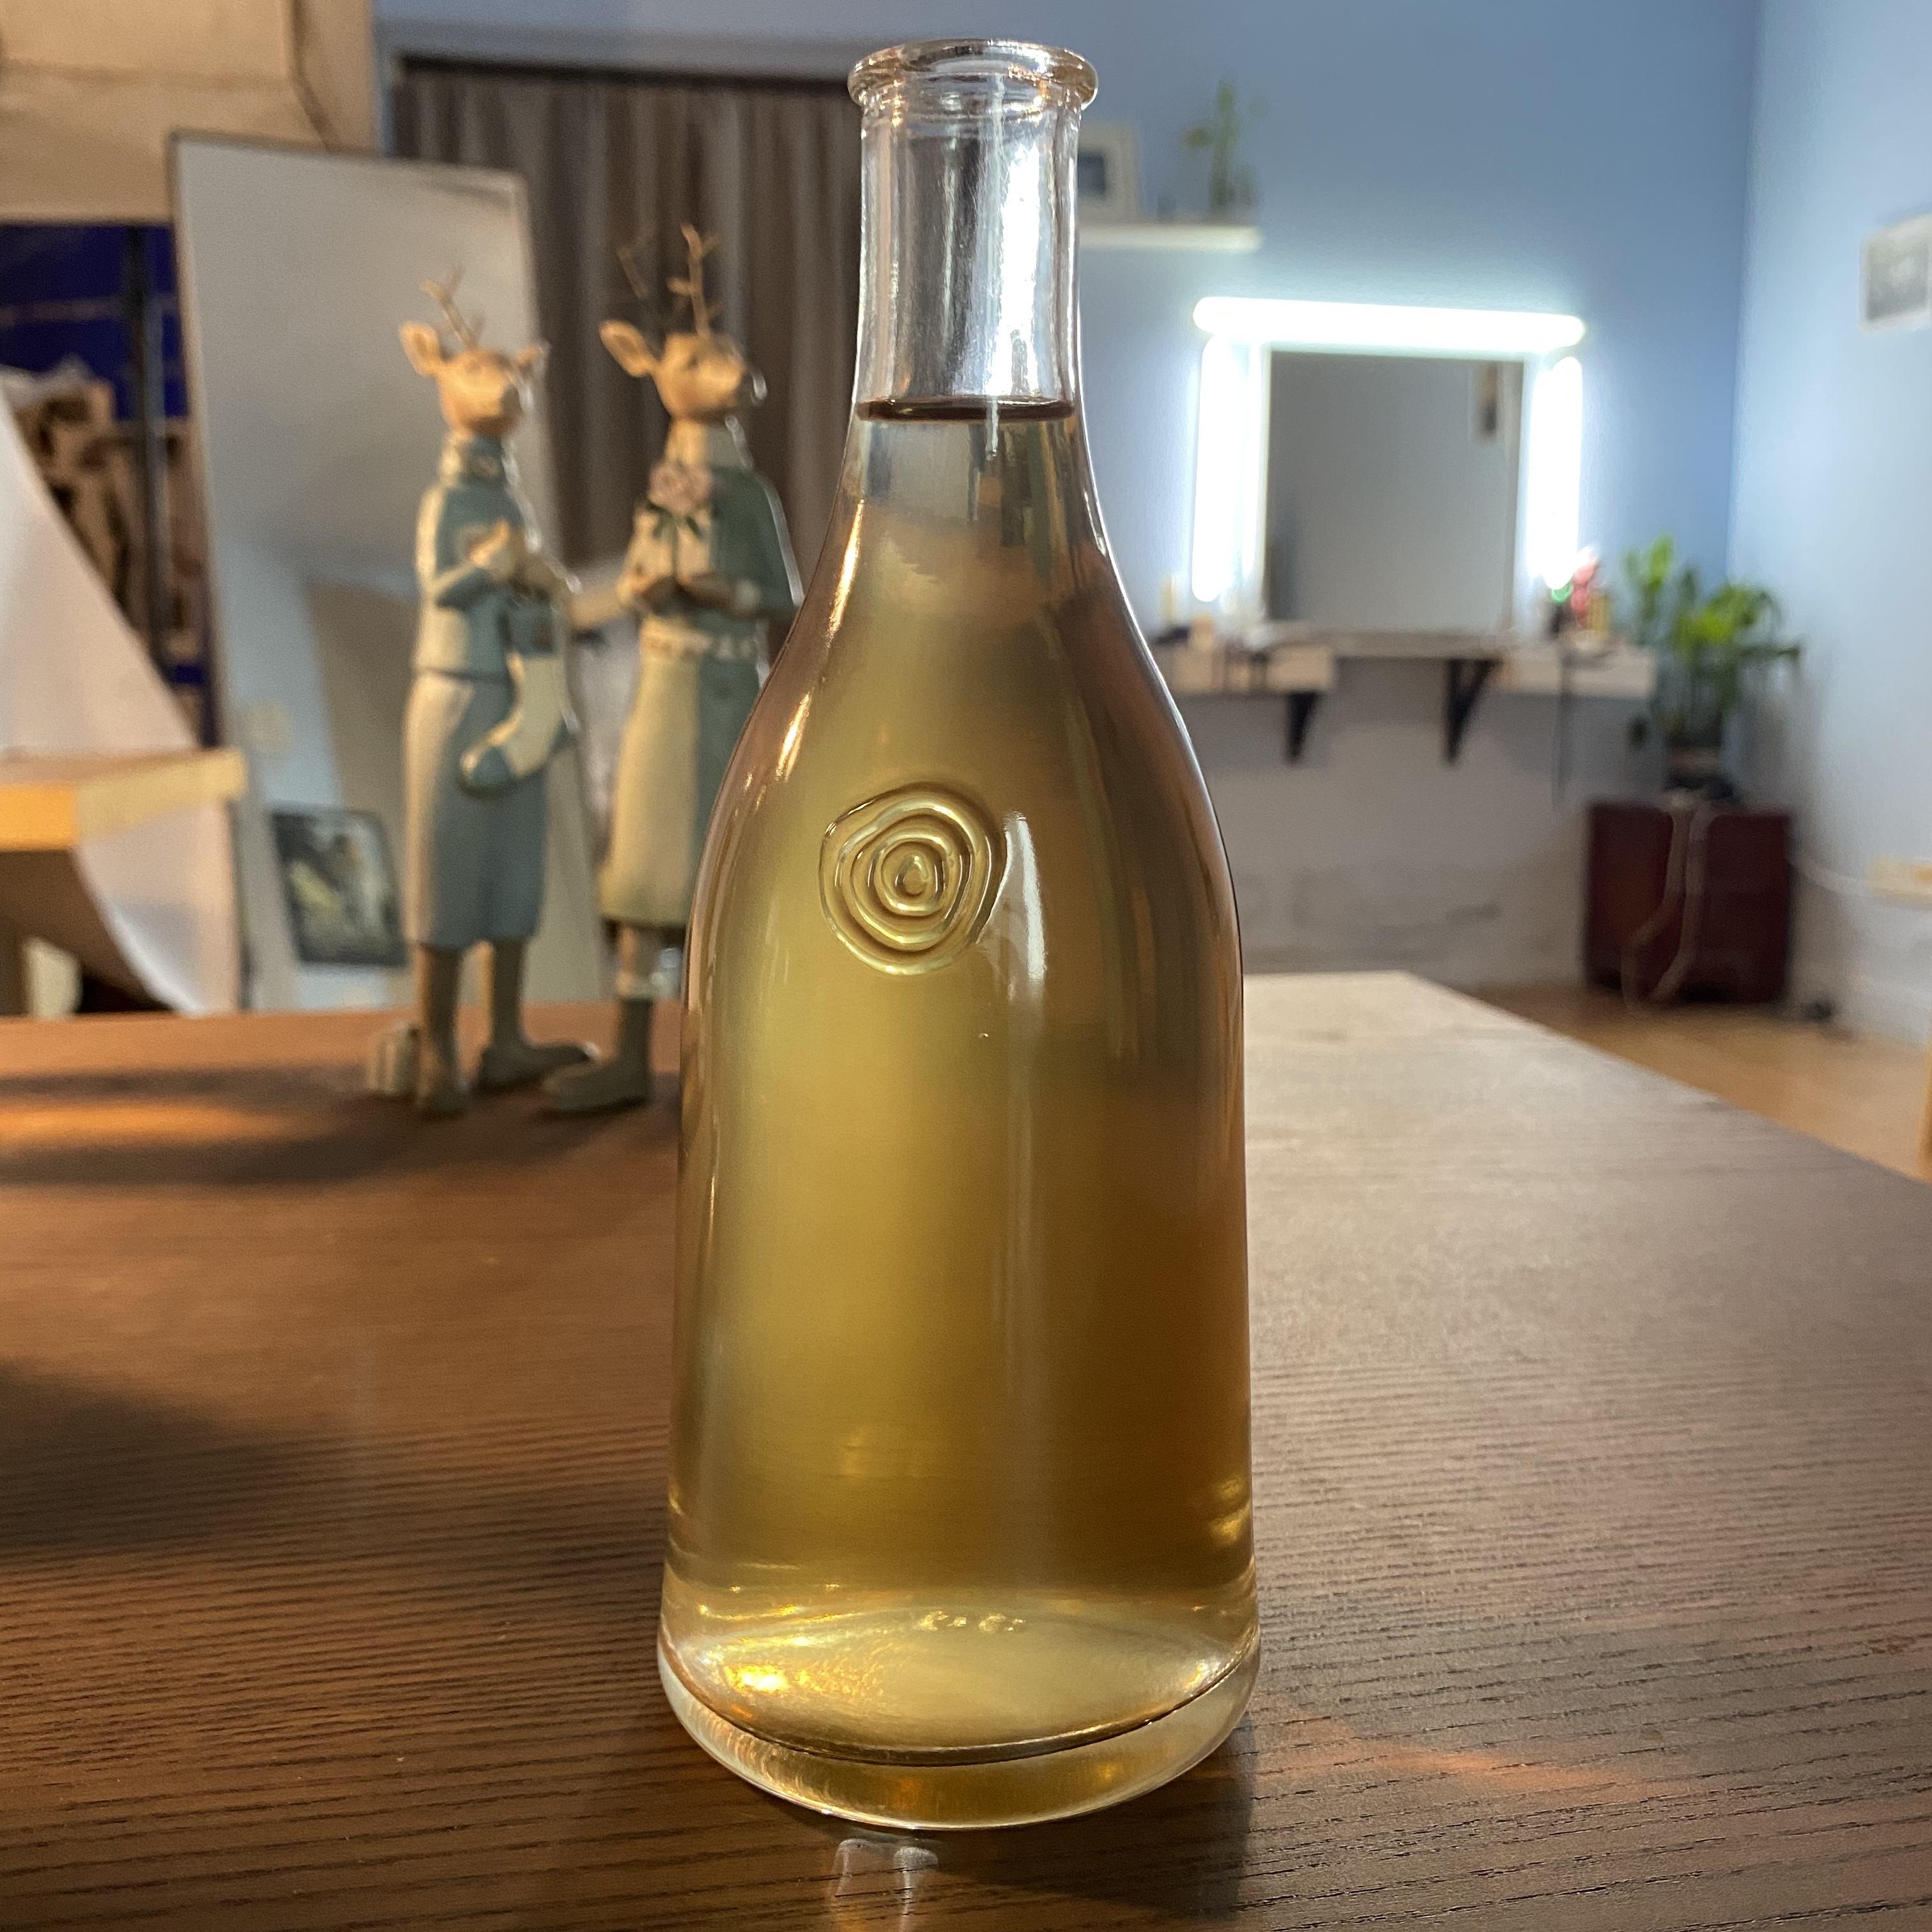 Hoson 250ml Transparent En Verre Vide De Conception Personnalisée Liqueur Bouteille D'emballage